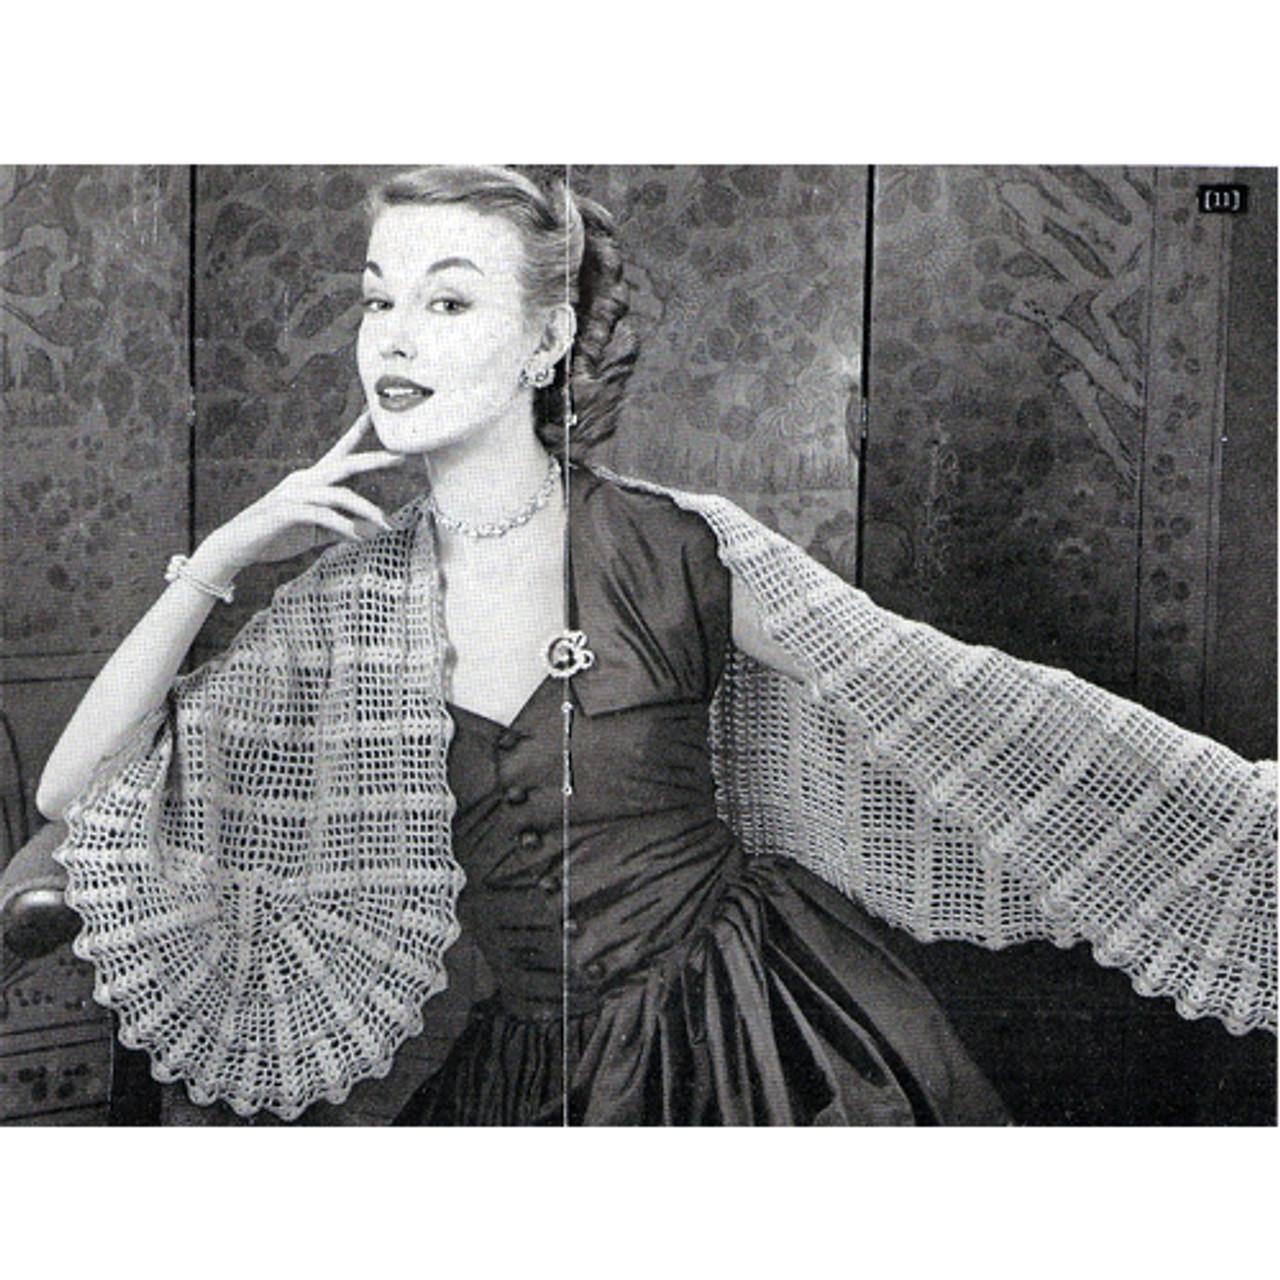 Botany Crocheted Stole Pattern, Vintage 1950s